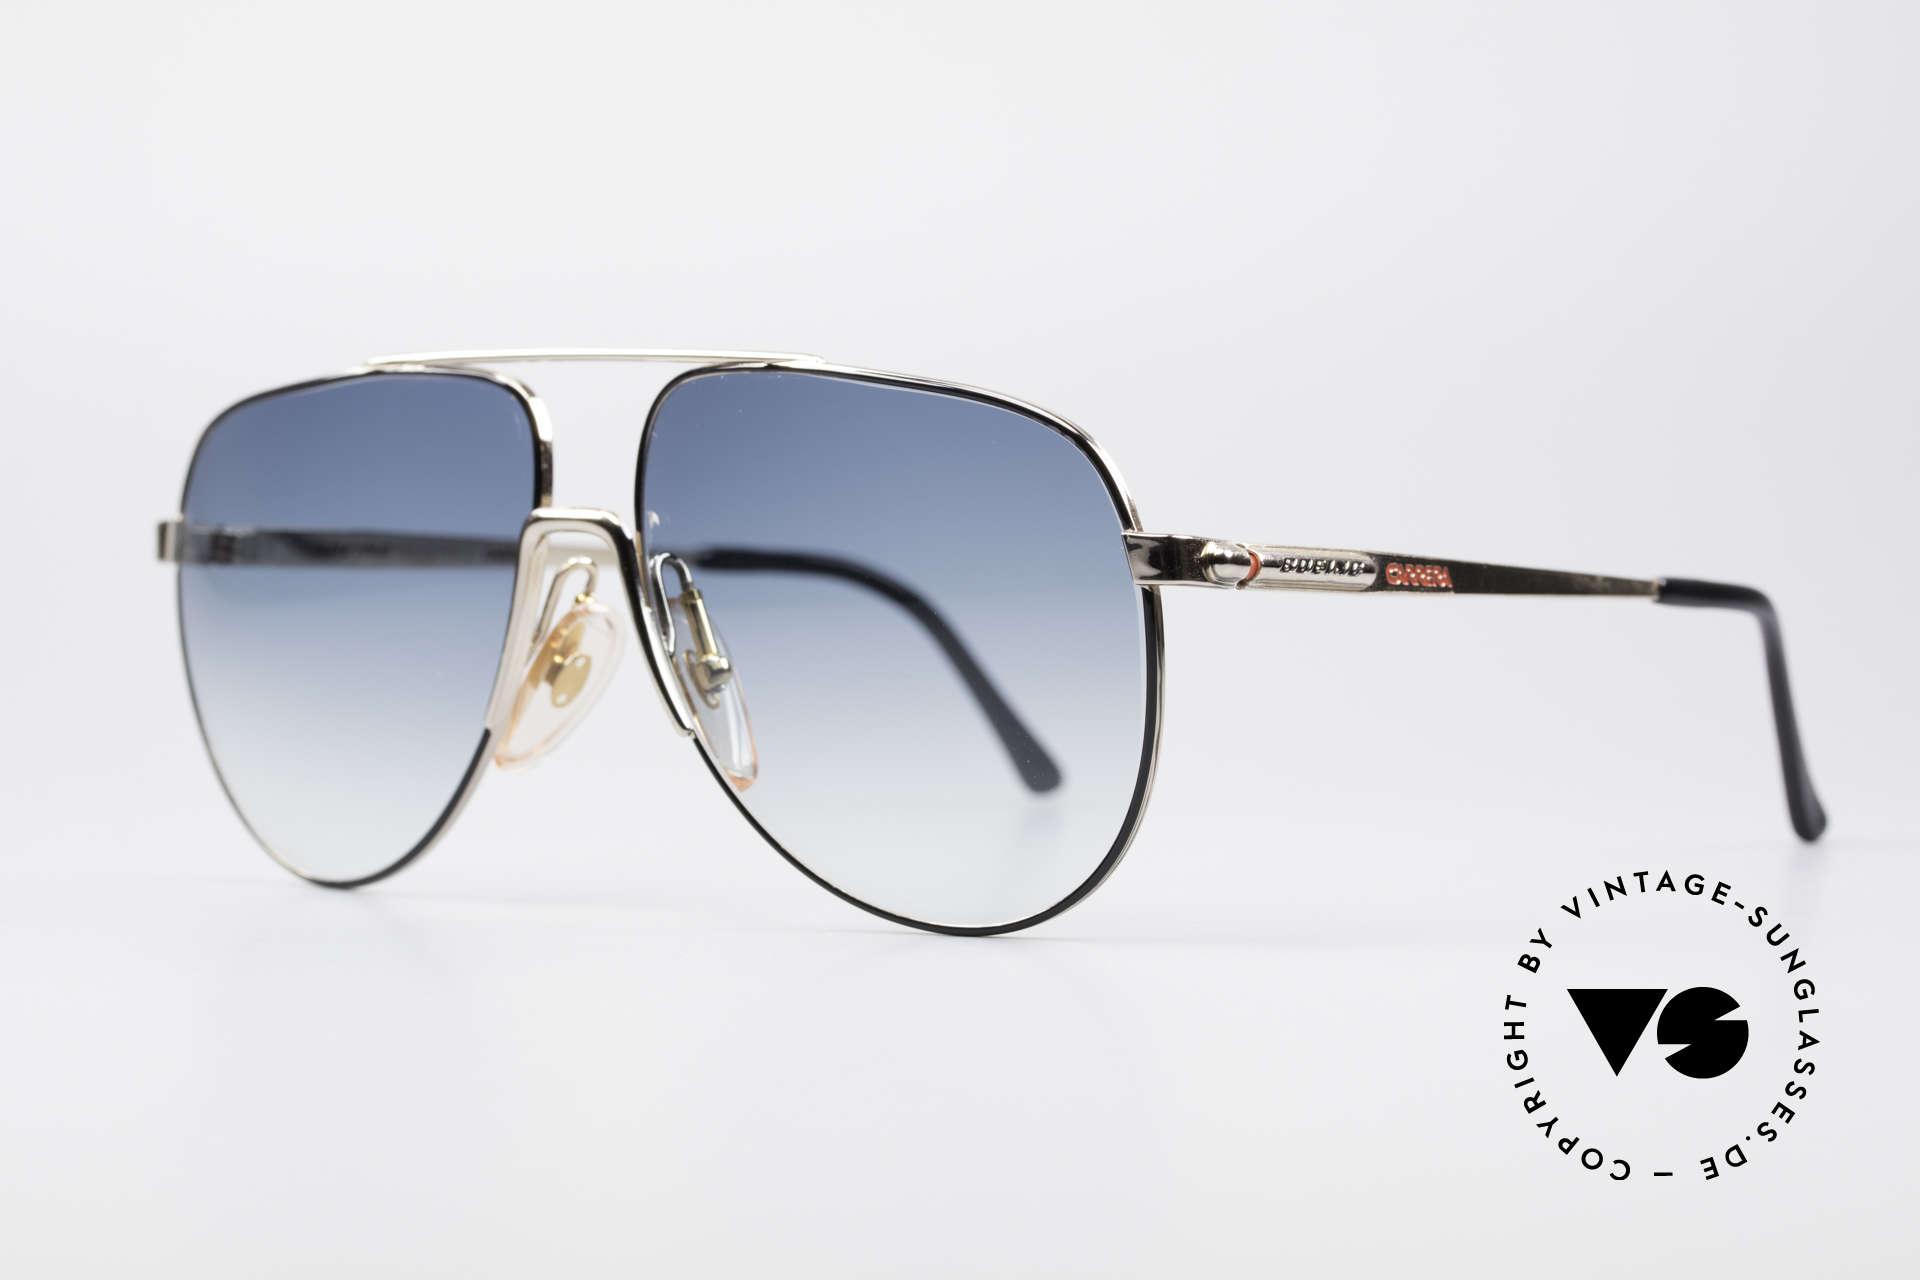 Boeing 5730 Echte Pilotensonnenbrille, Größe 'small' der 80er = 'MEDIUM' Größe heutzutage, Passend für Herren